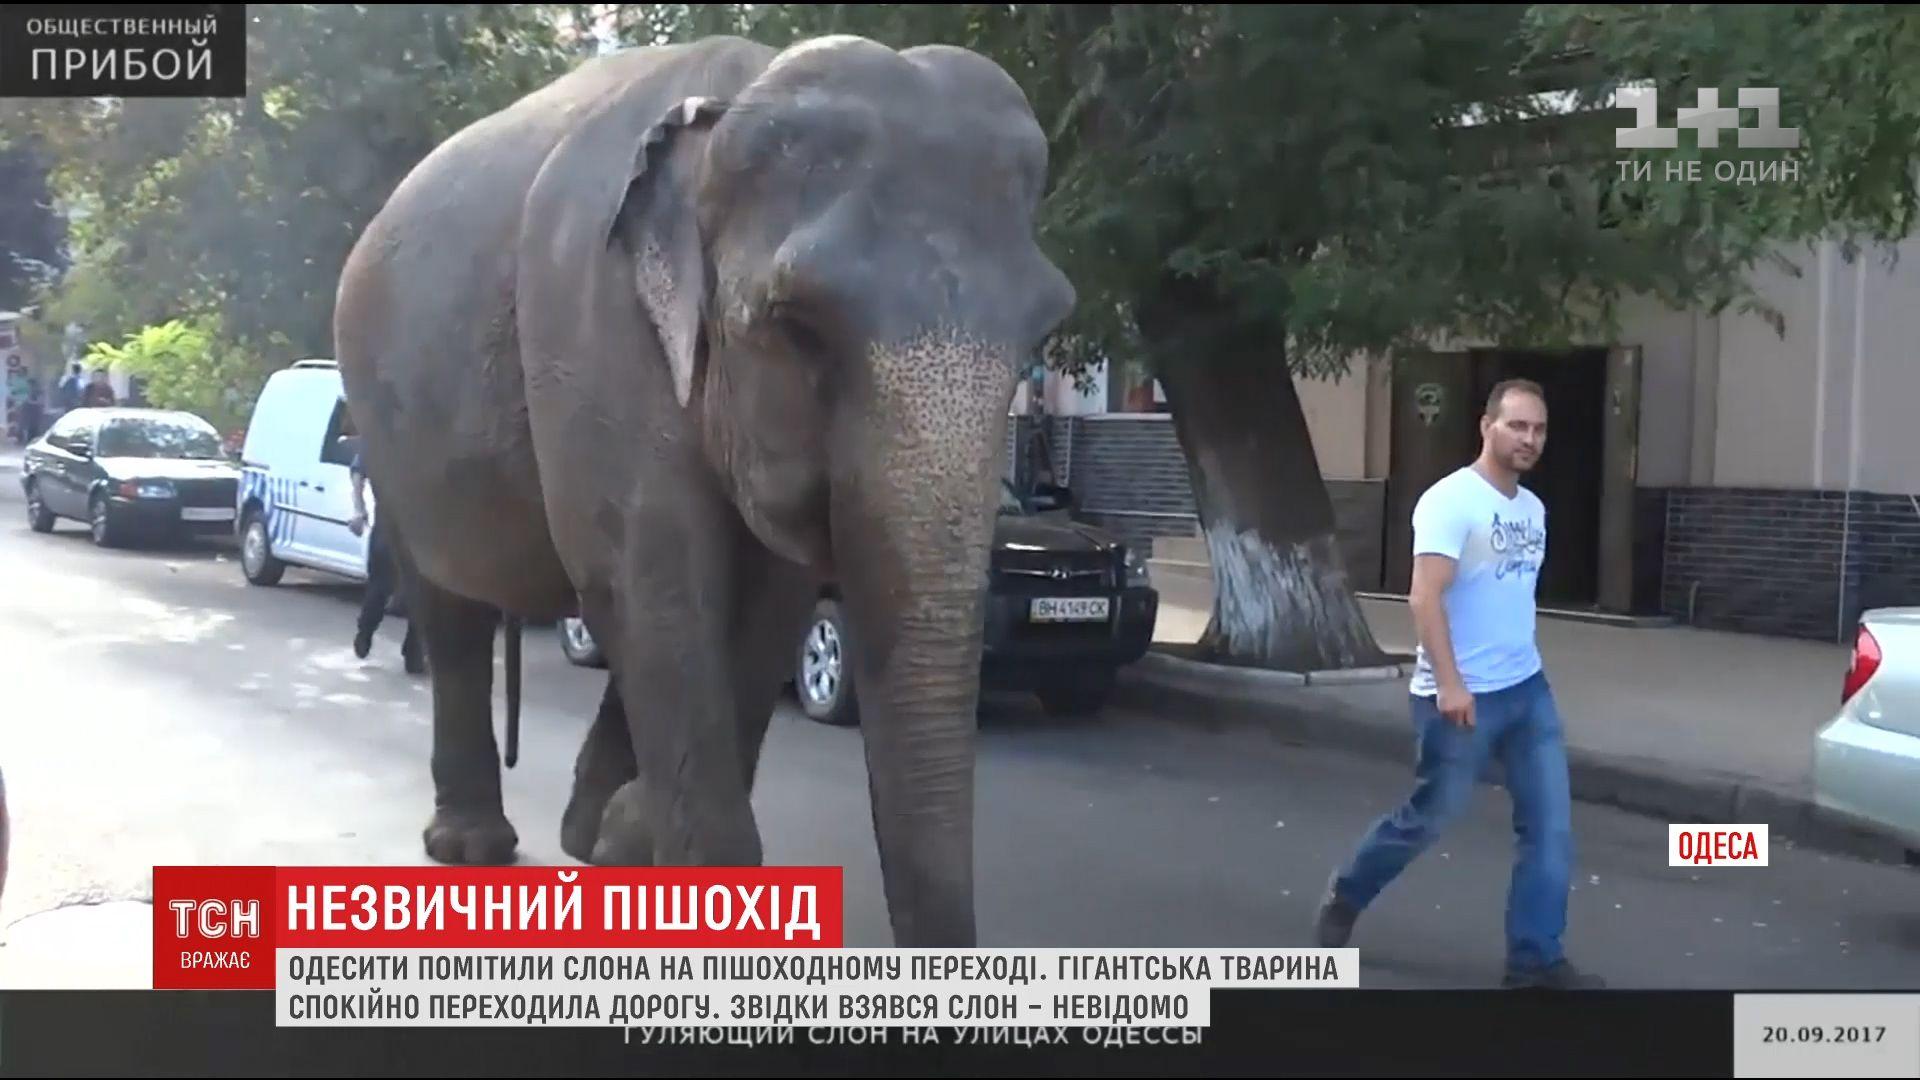 Огромный слон устроил прогулку по улицам Одессы /